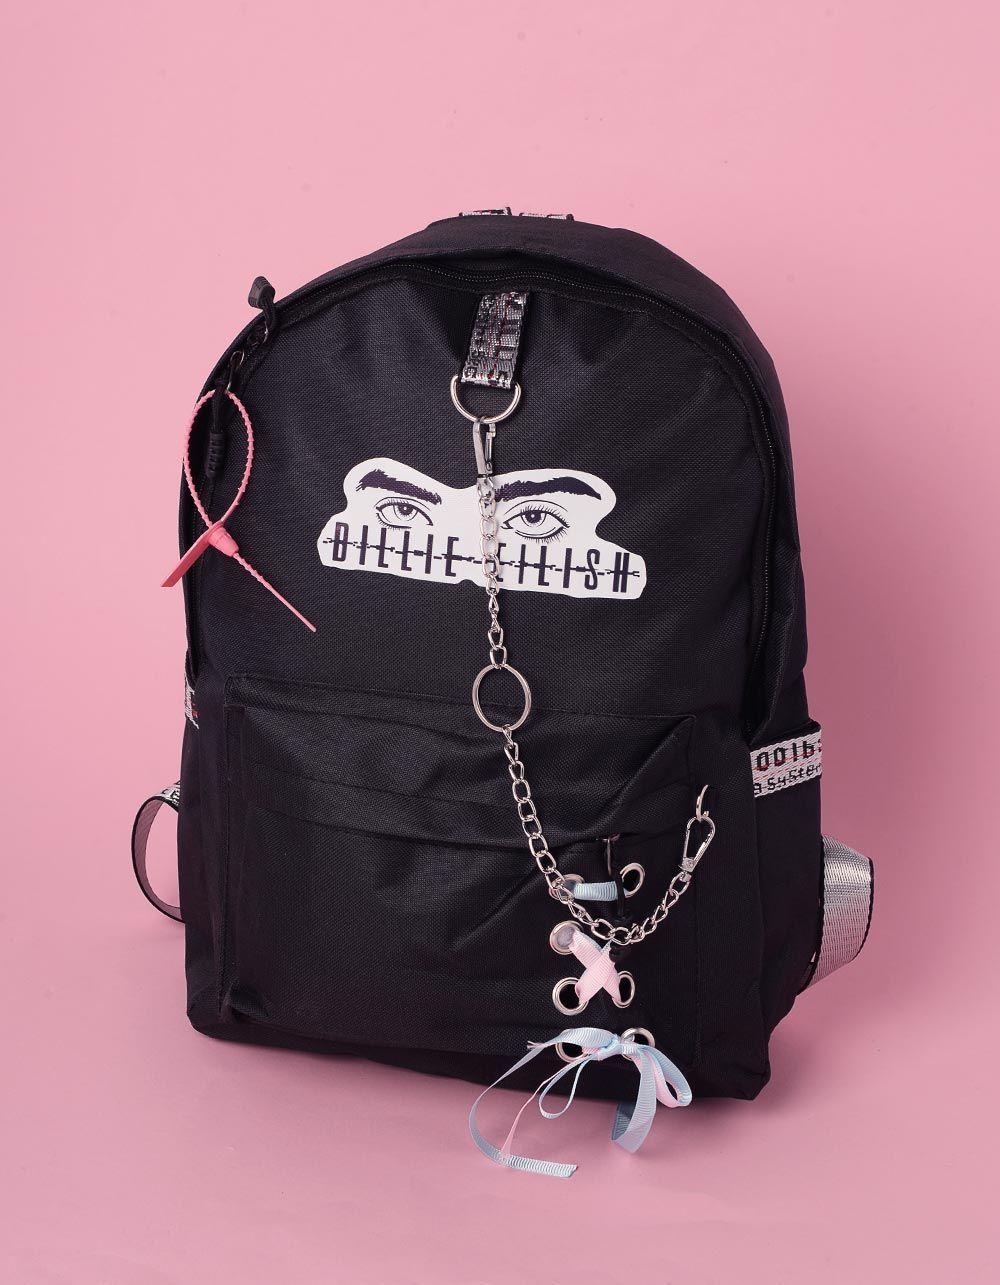 Рюкзак молодіжний  з написом та ланцюгами | 240243-02-XX